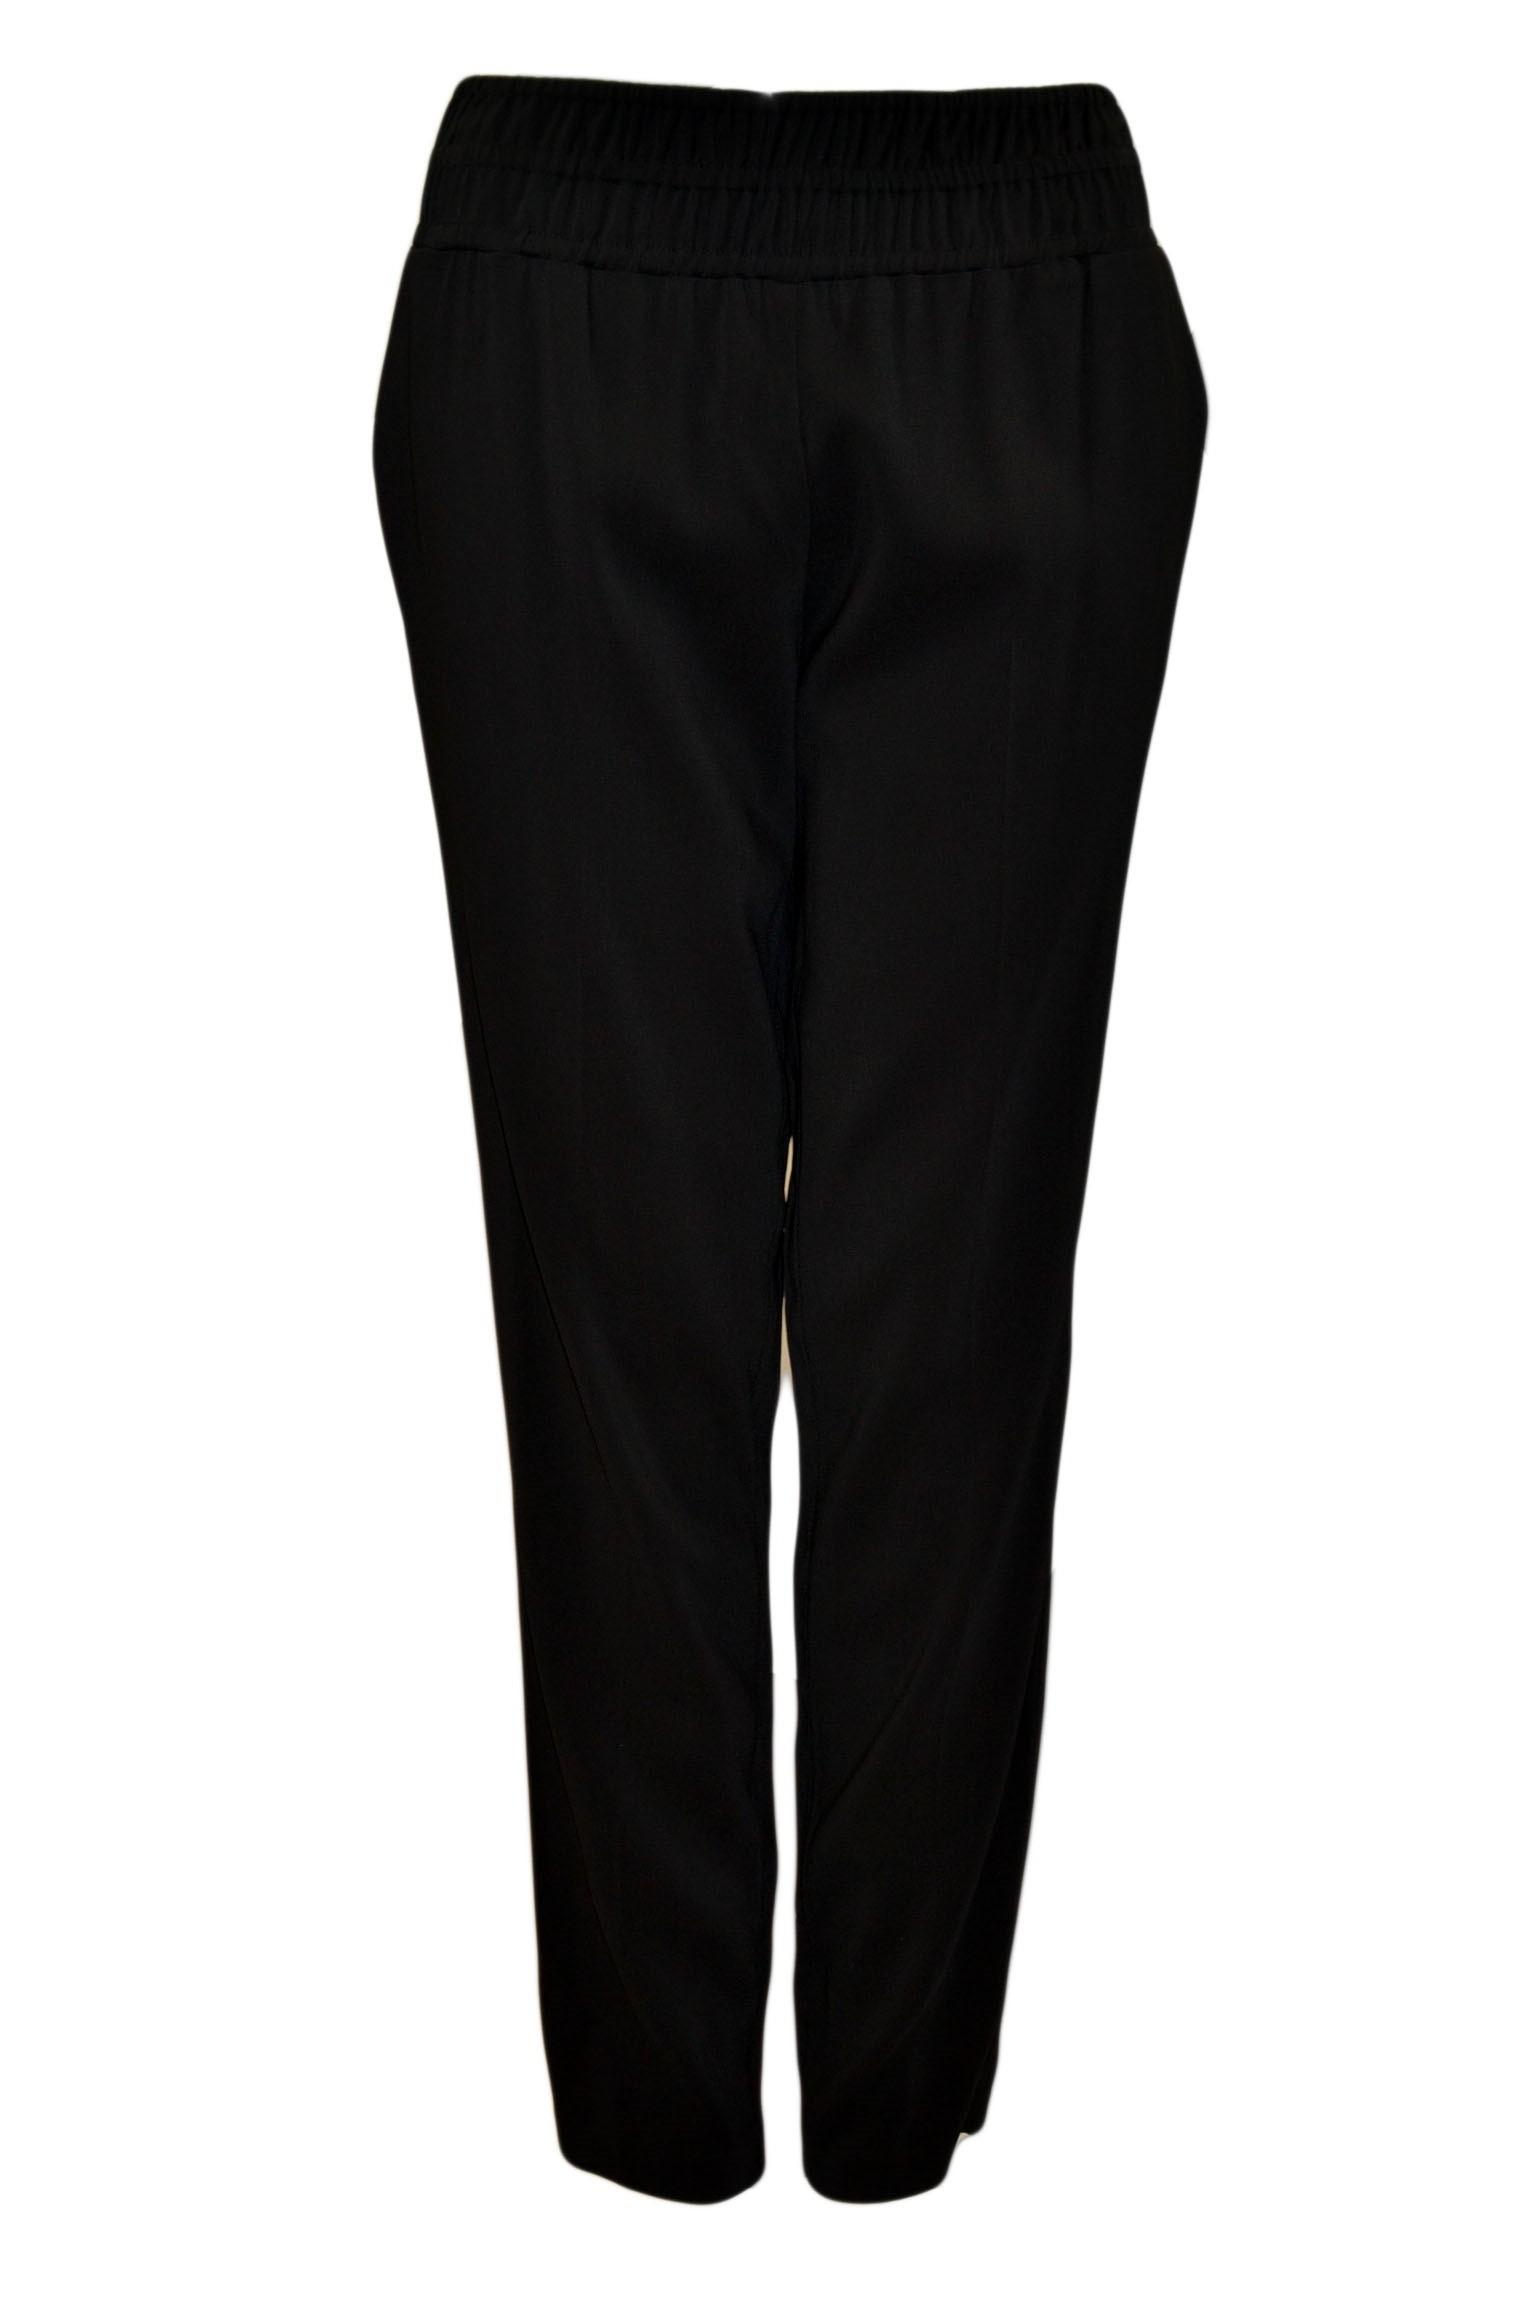 Cristina effe spodnie 0436/1868